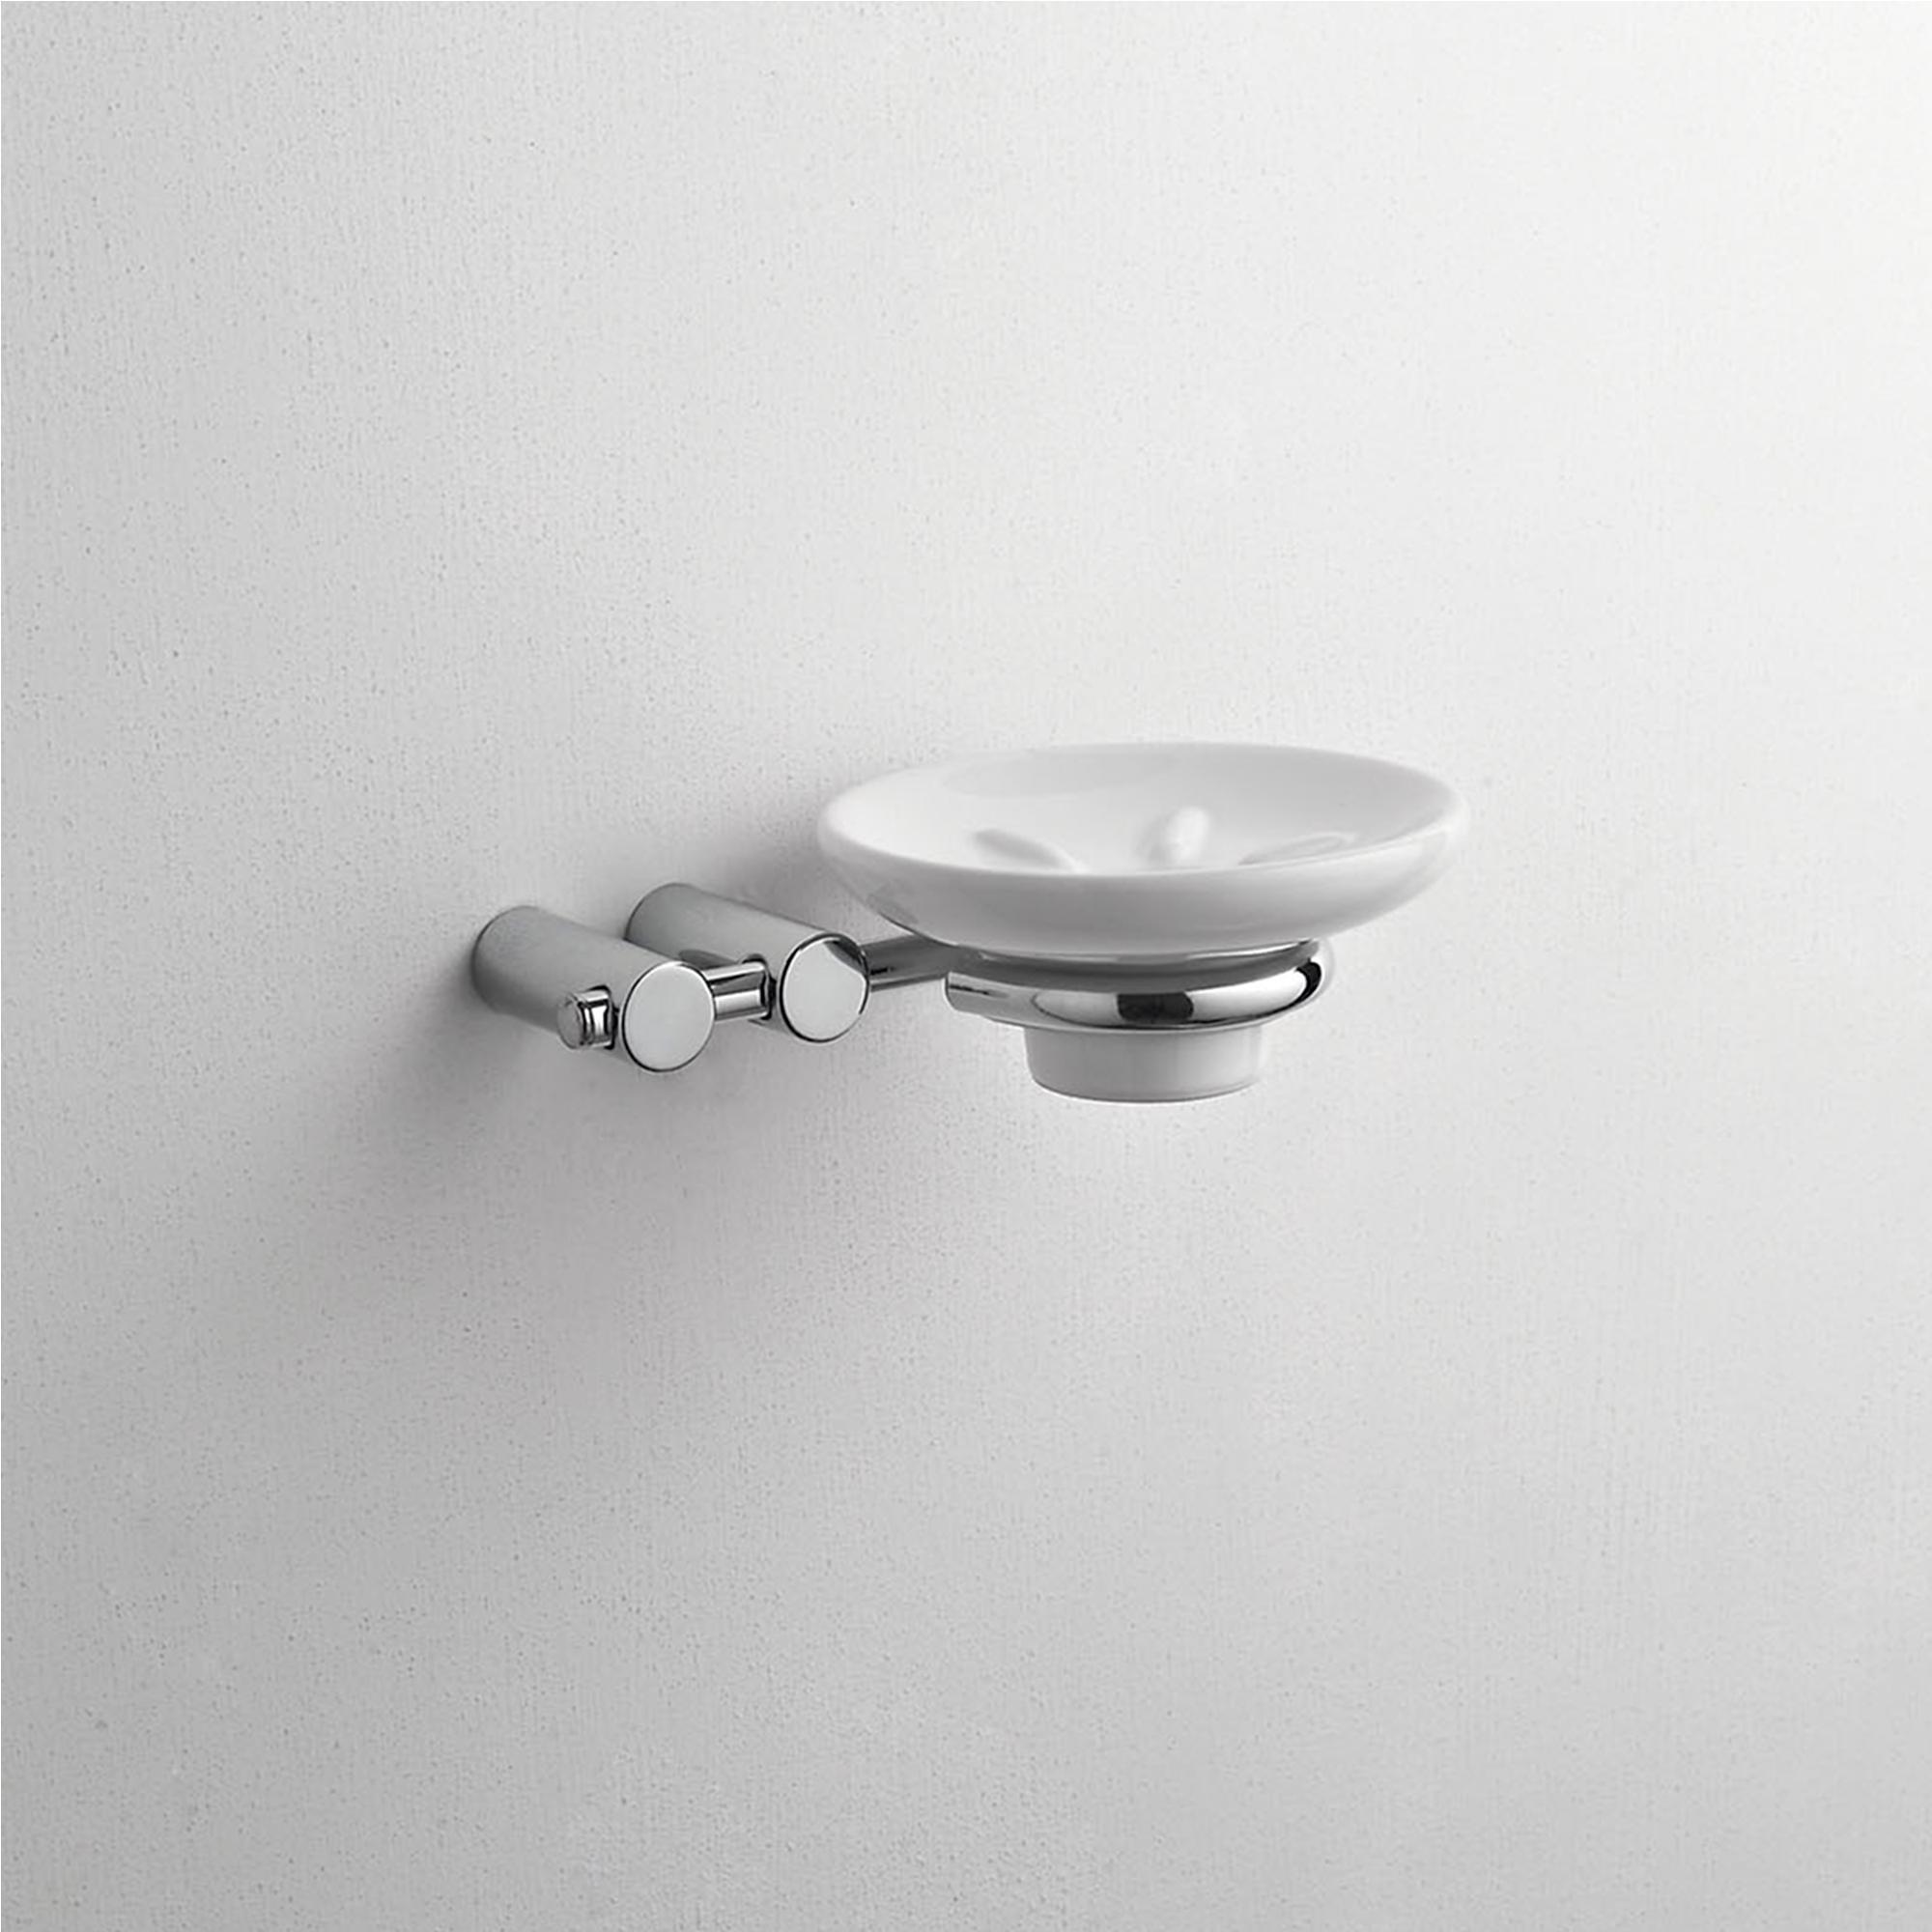 Portasapone Da Muro.Porta Sapone Sospeso Da Muro In Ceramica Kios 16x13xh5 Cm Colore Bianco Fissaggio A Viti Cqubo